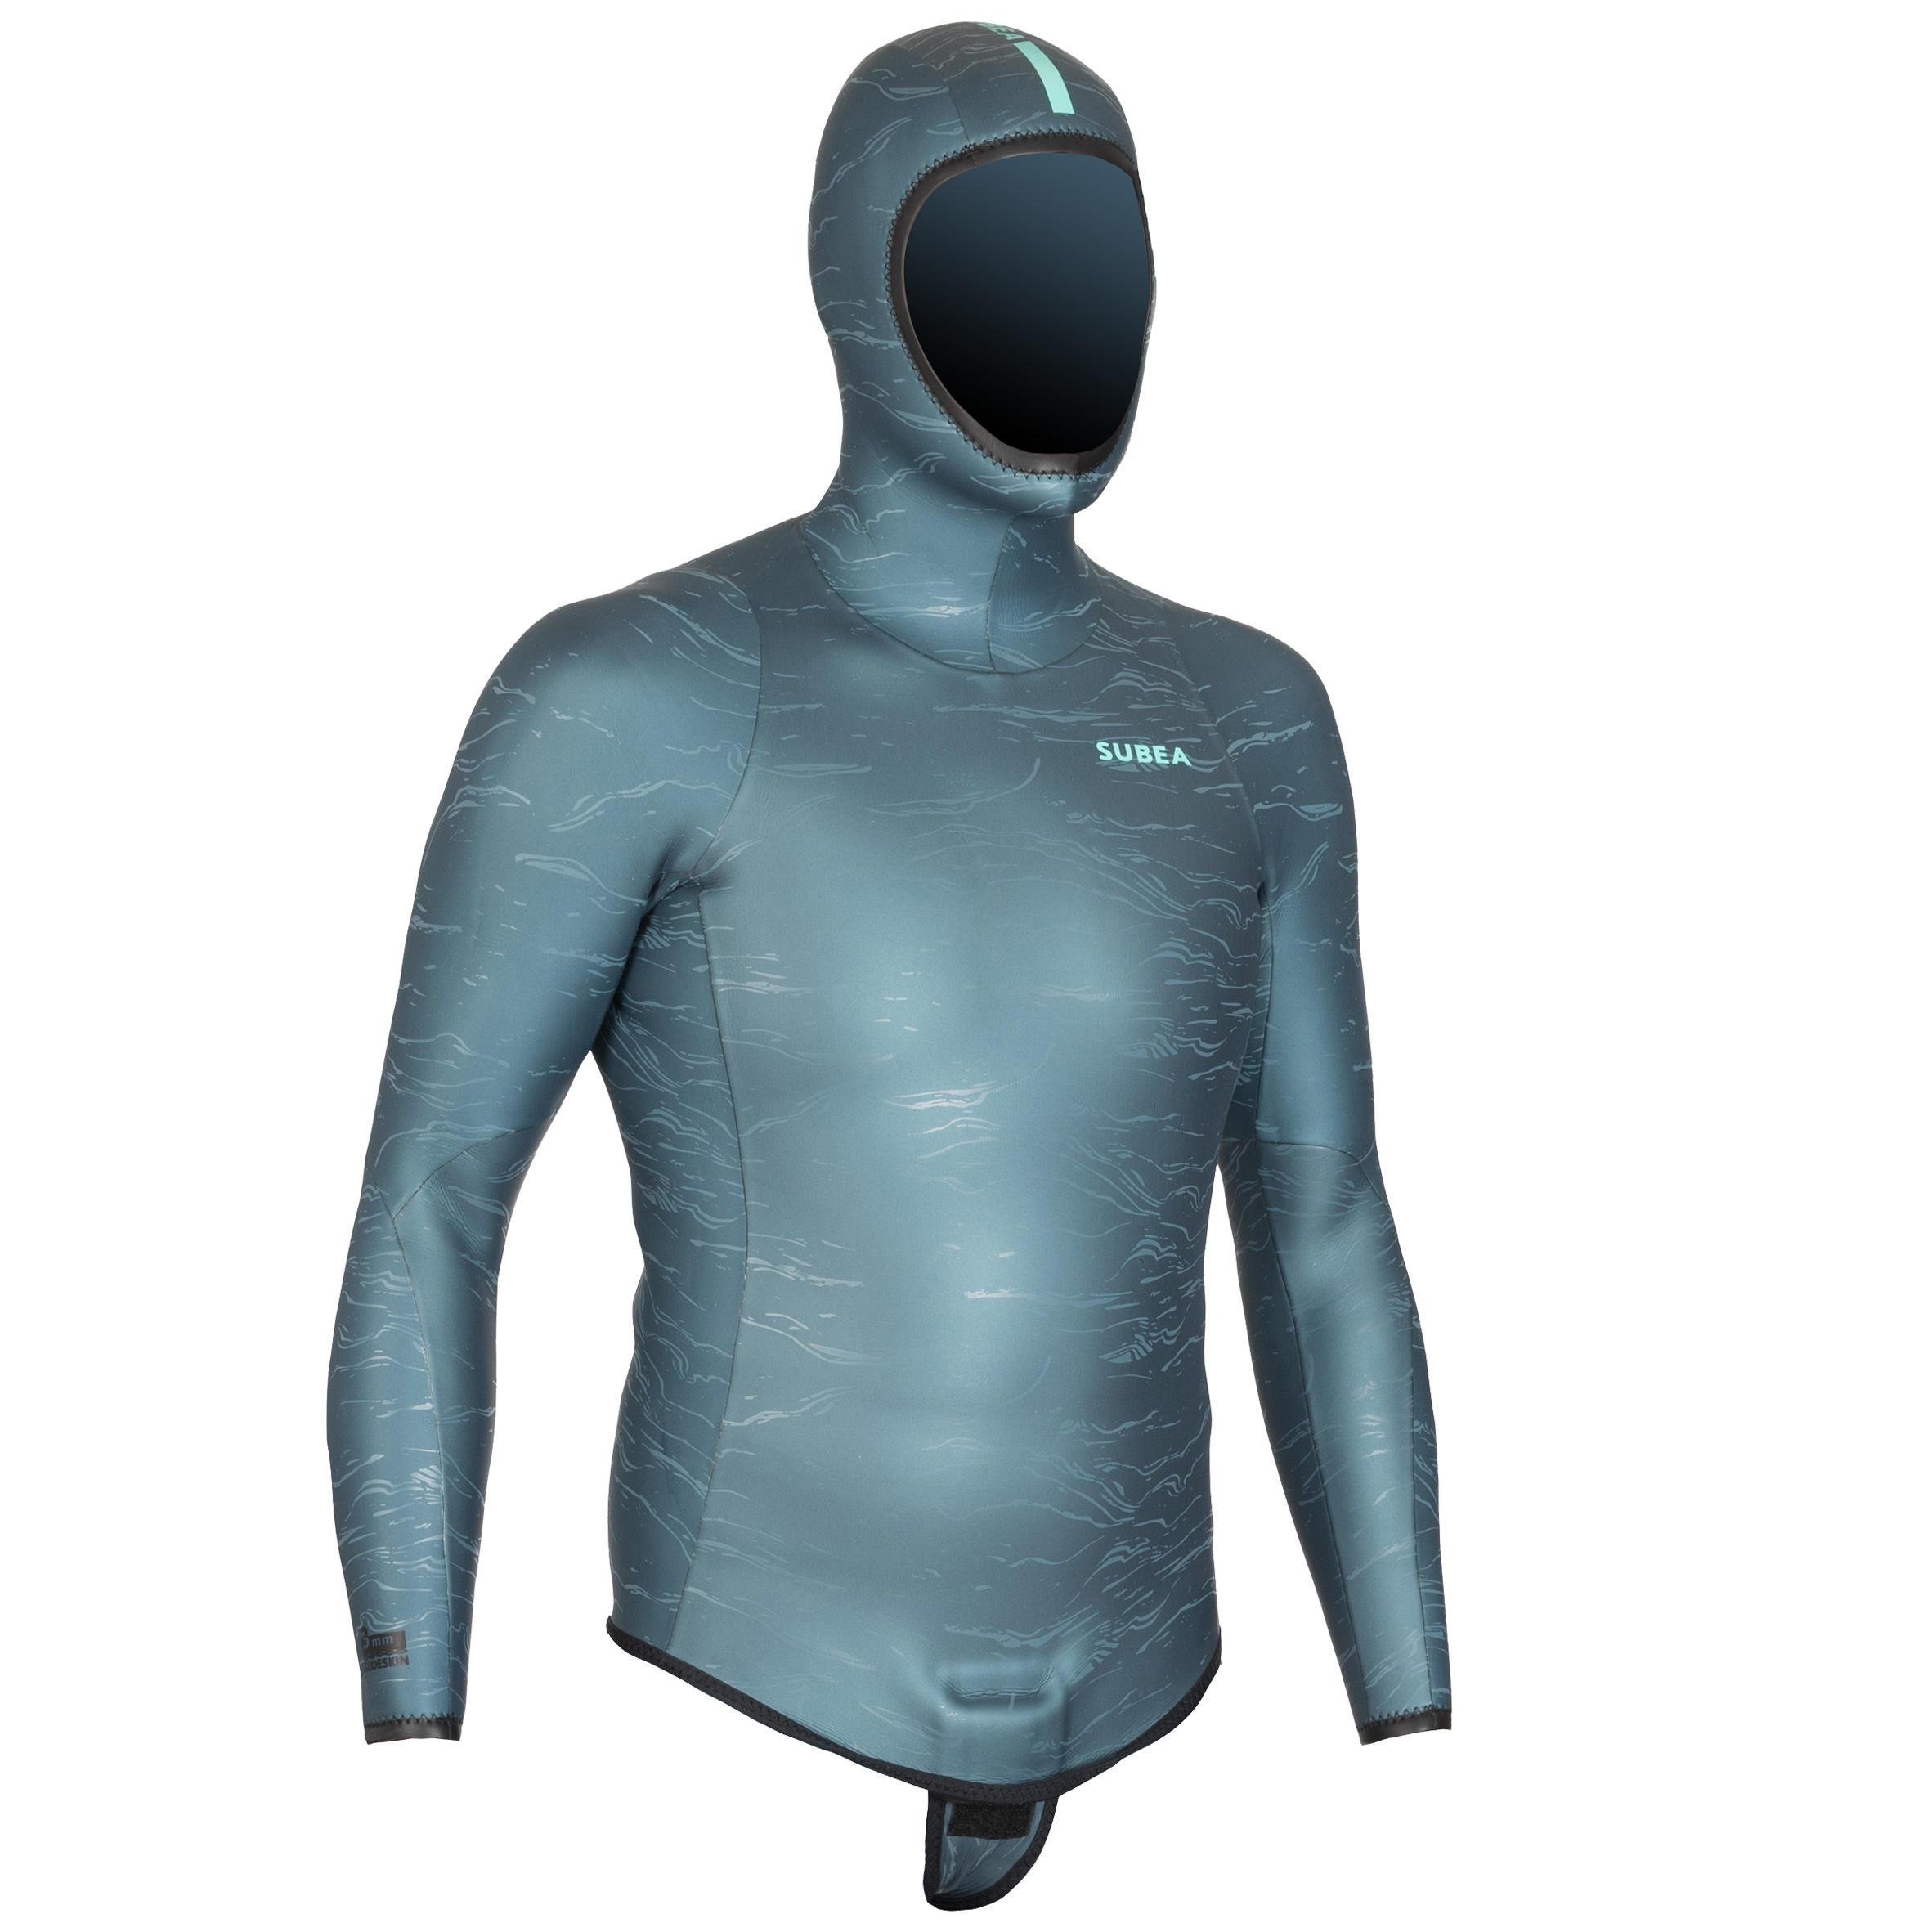 Jachetă scufundări FRD 900 imagine